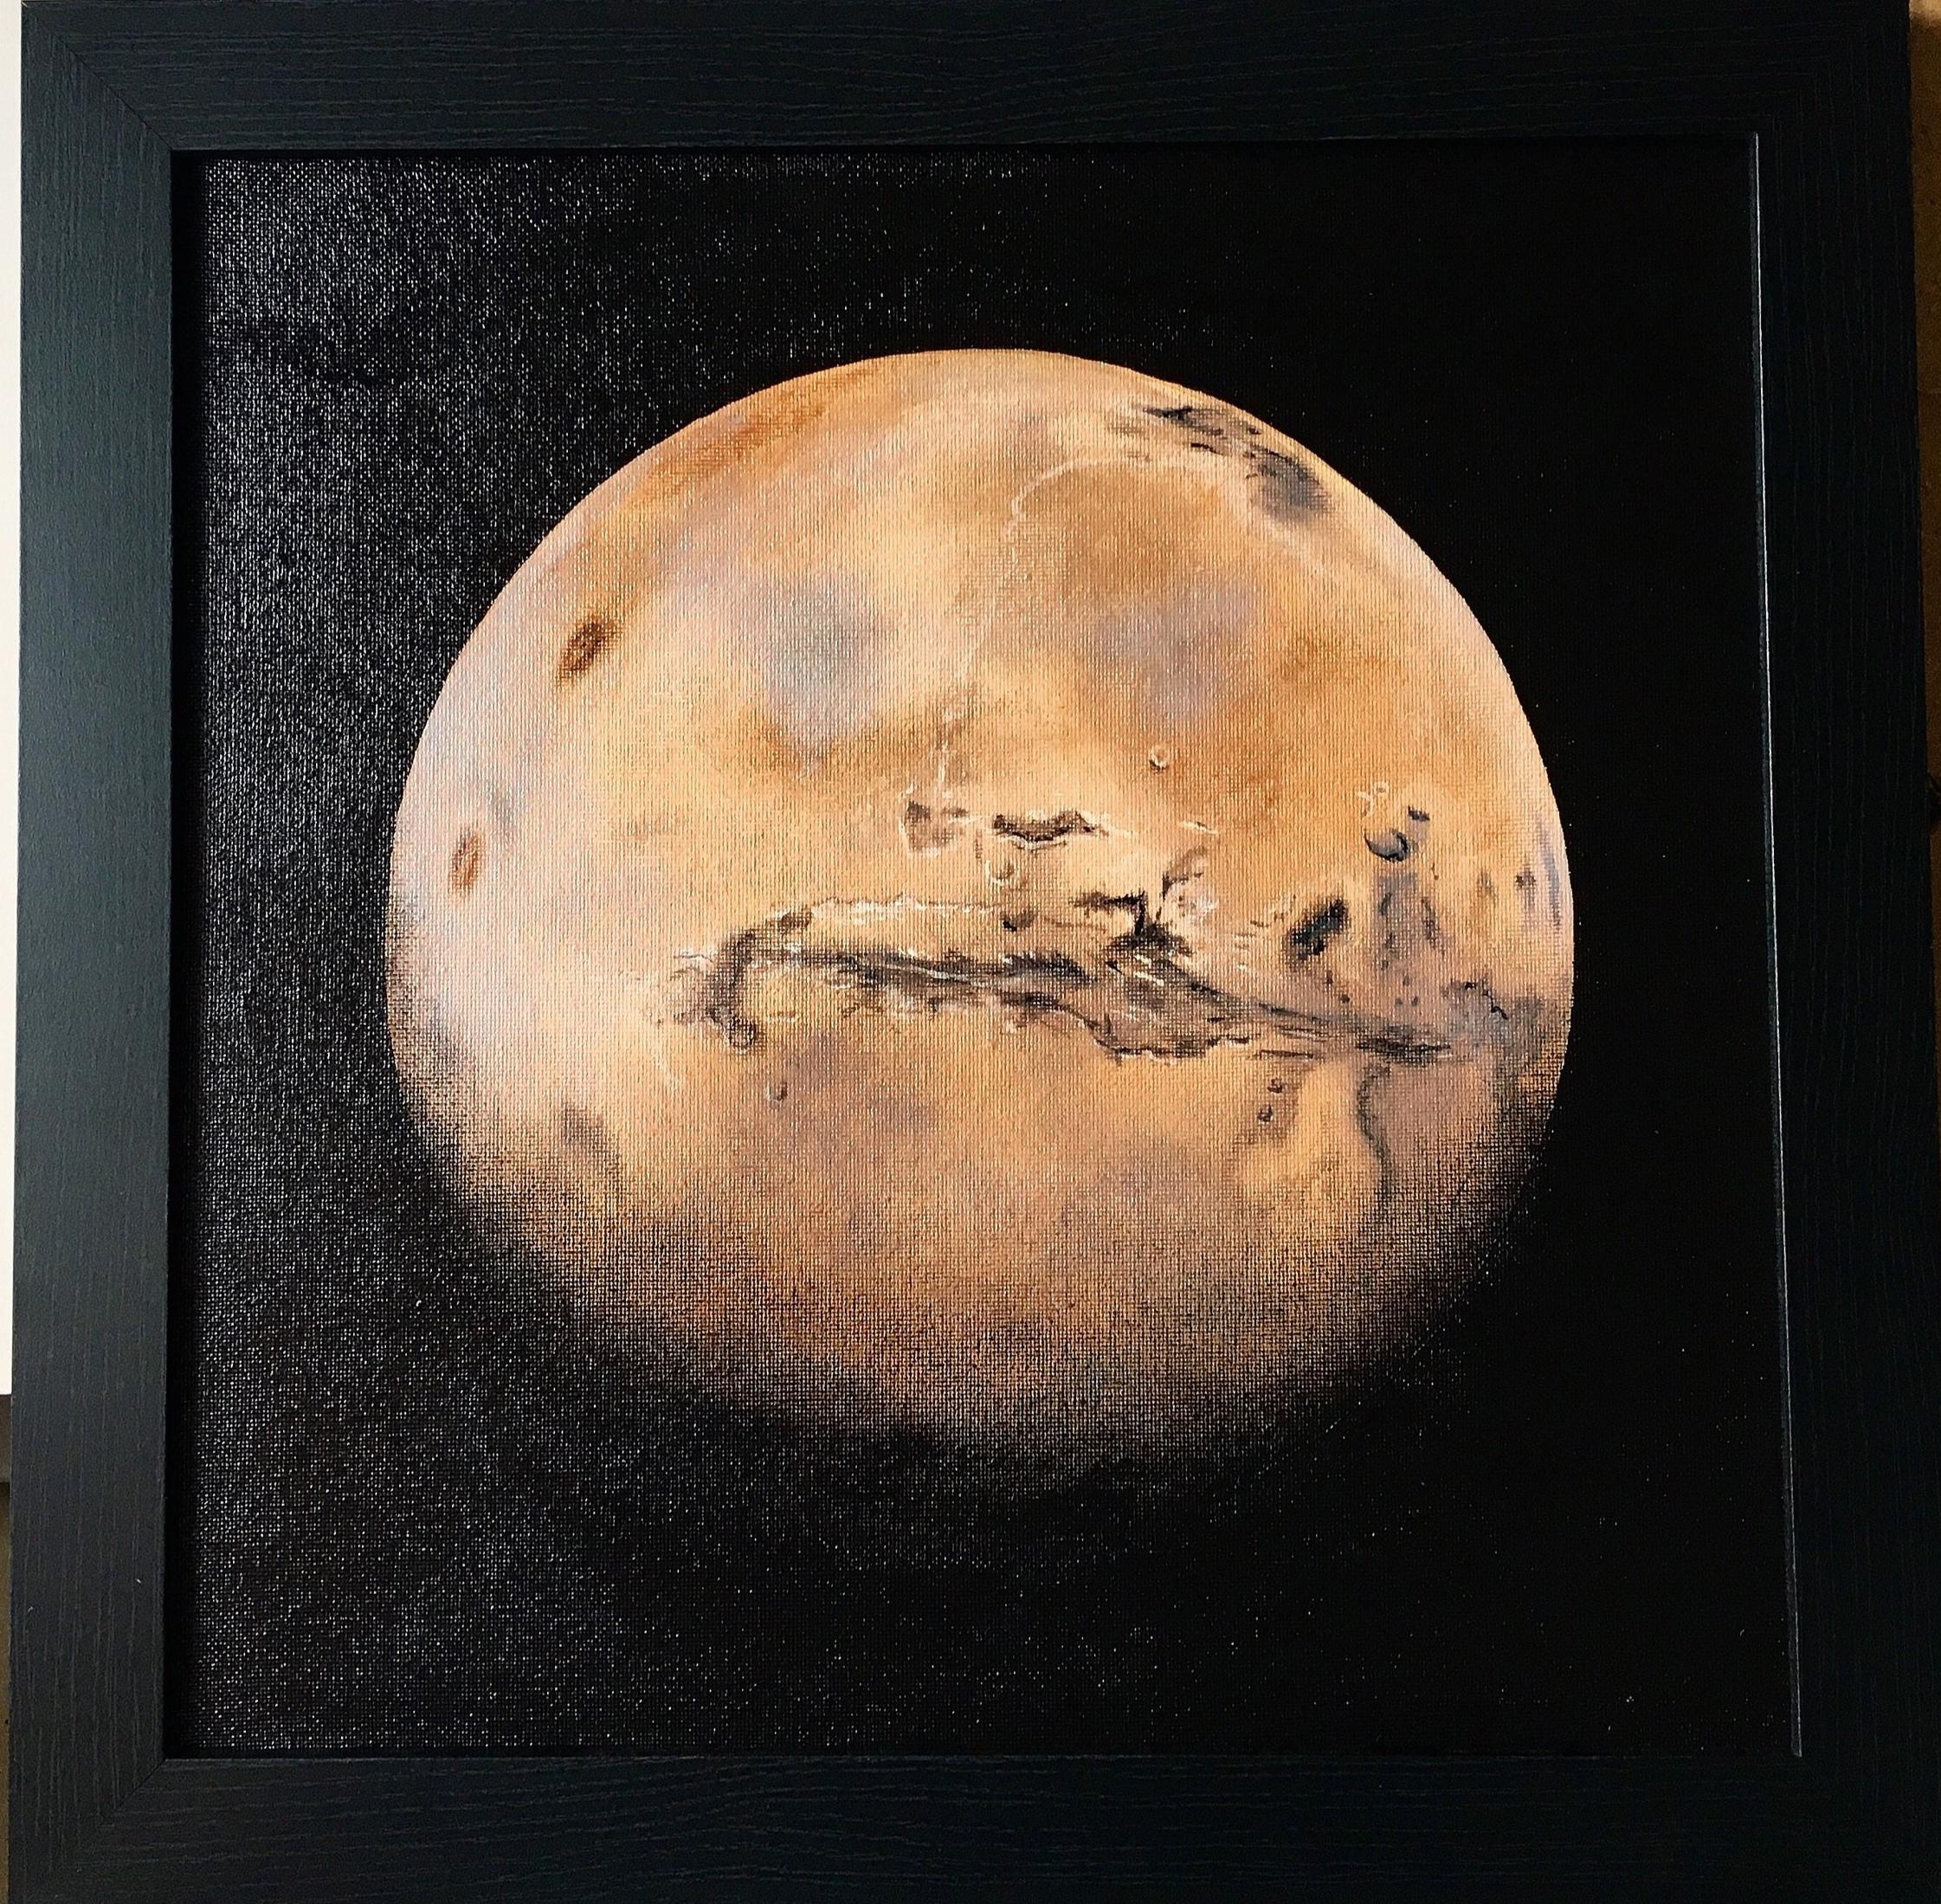 Mars I